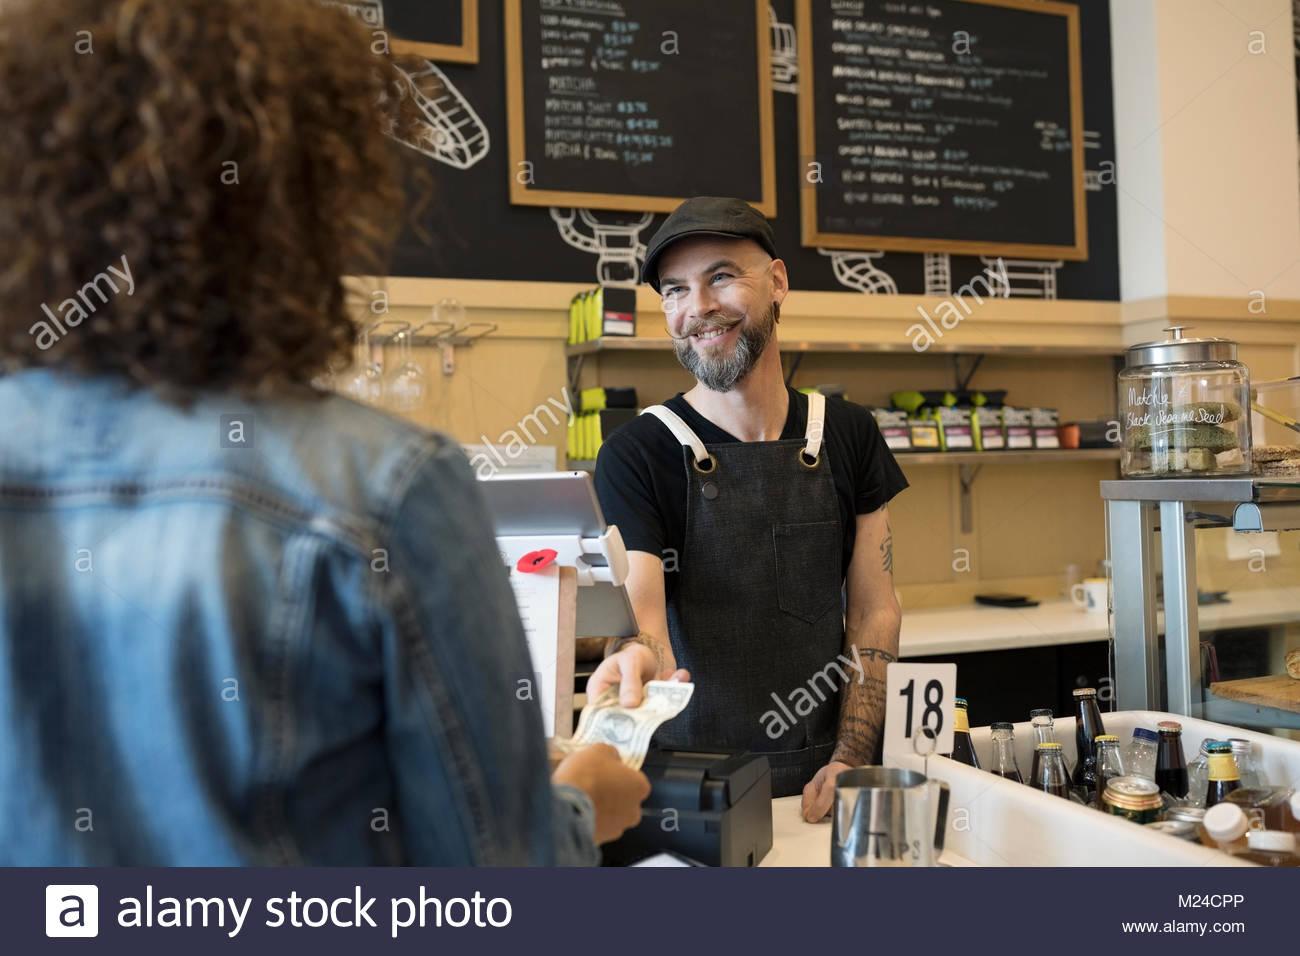 Amable barista masculino femenino toma el dinero de cliente en cafe Imagen De Stock